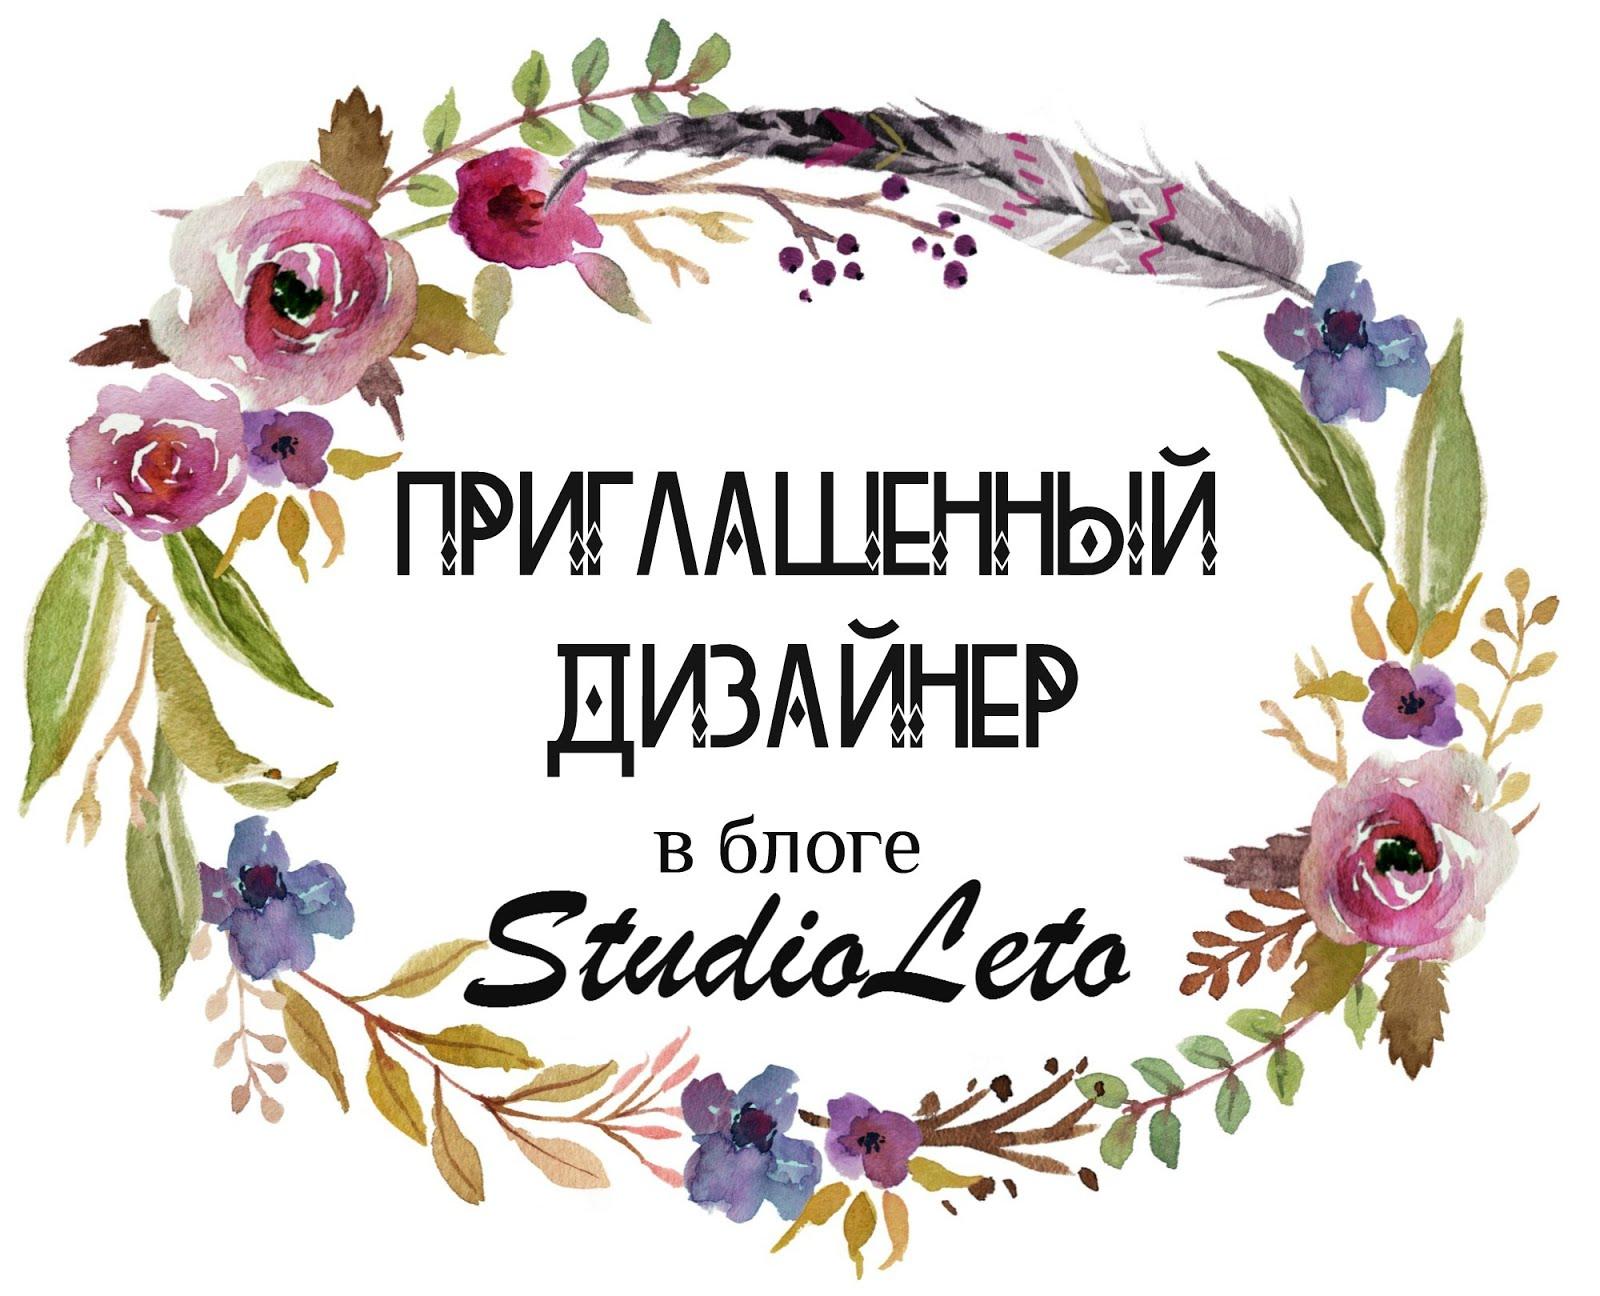 ПД в StudioLeto